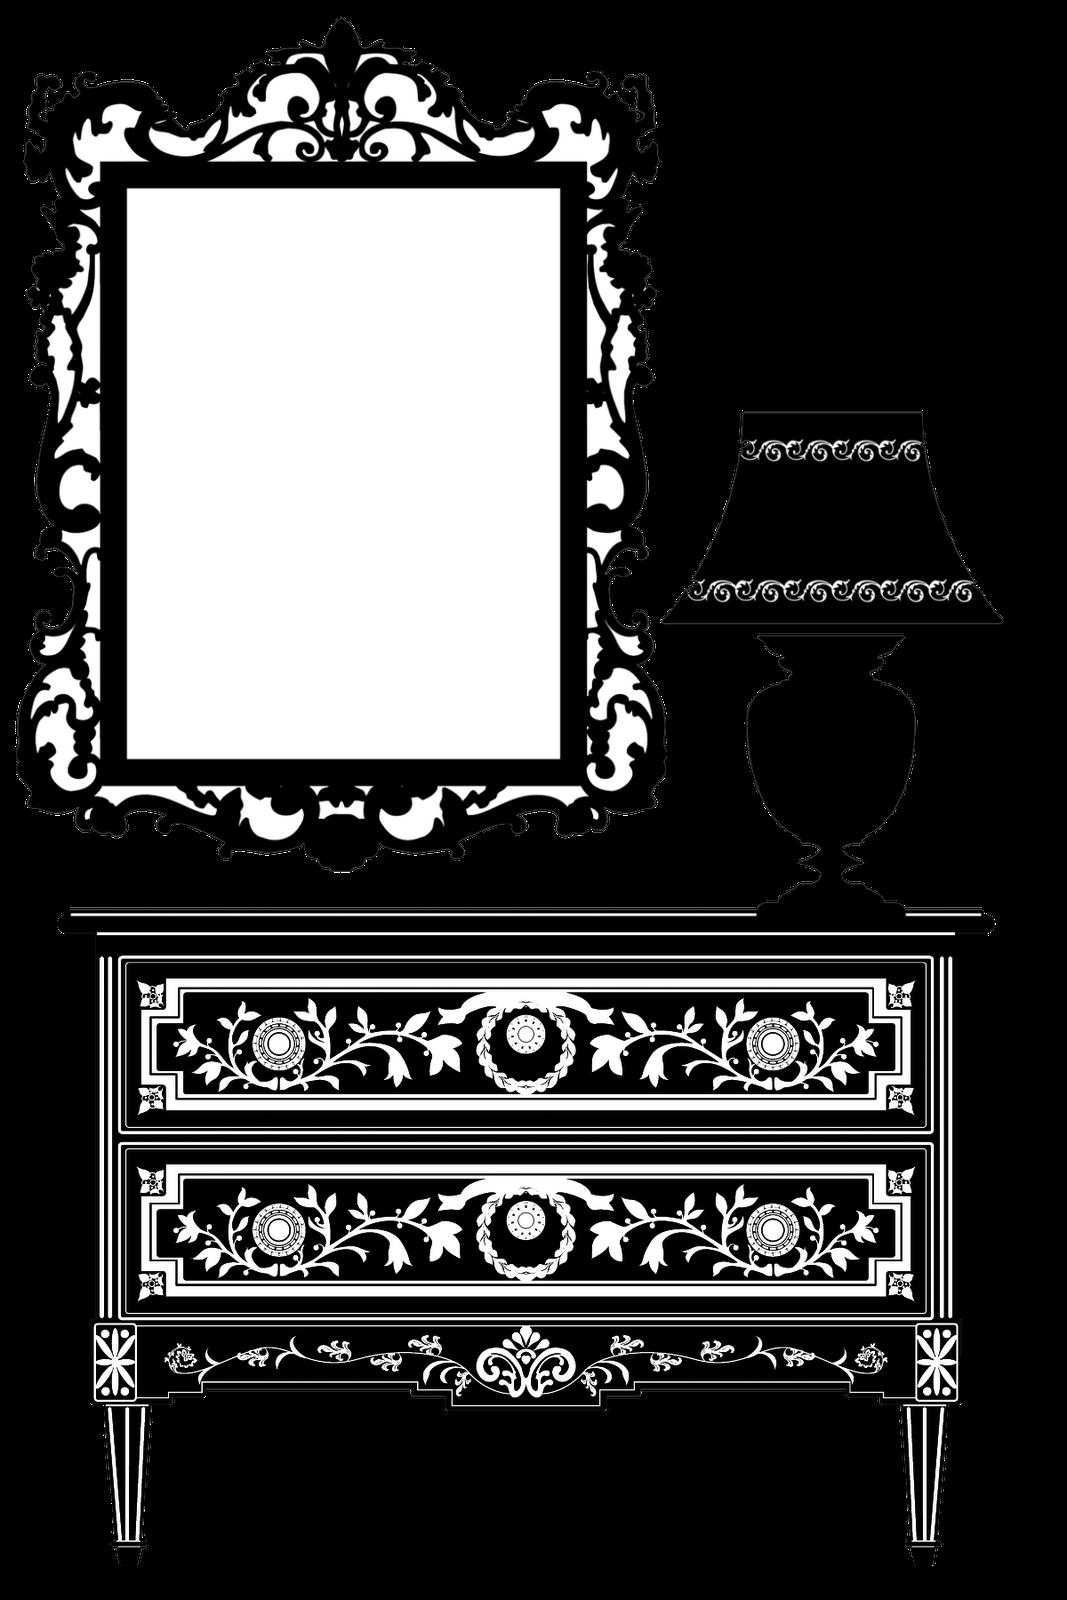 Furniture clipart object. Free vintage digital stamp